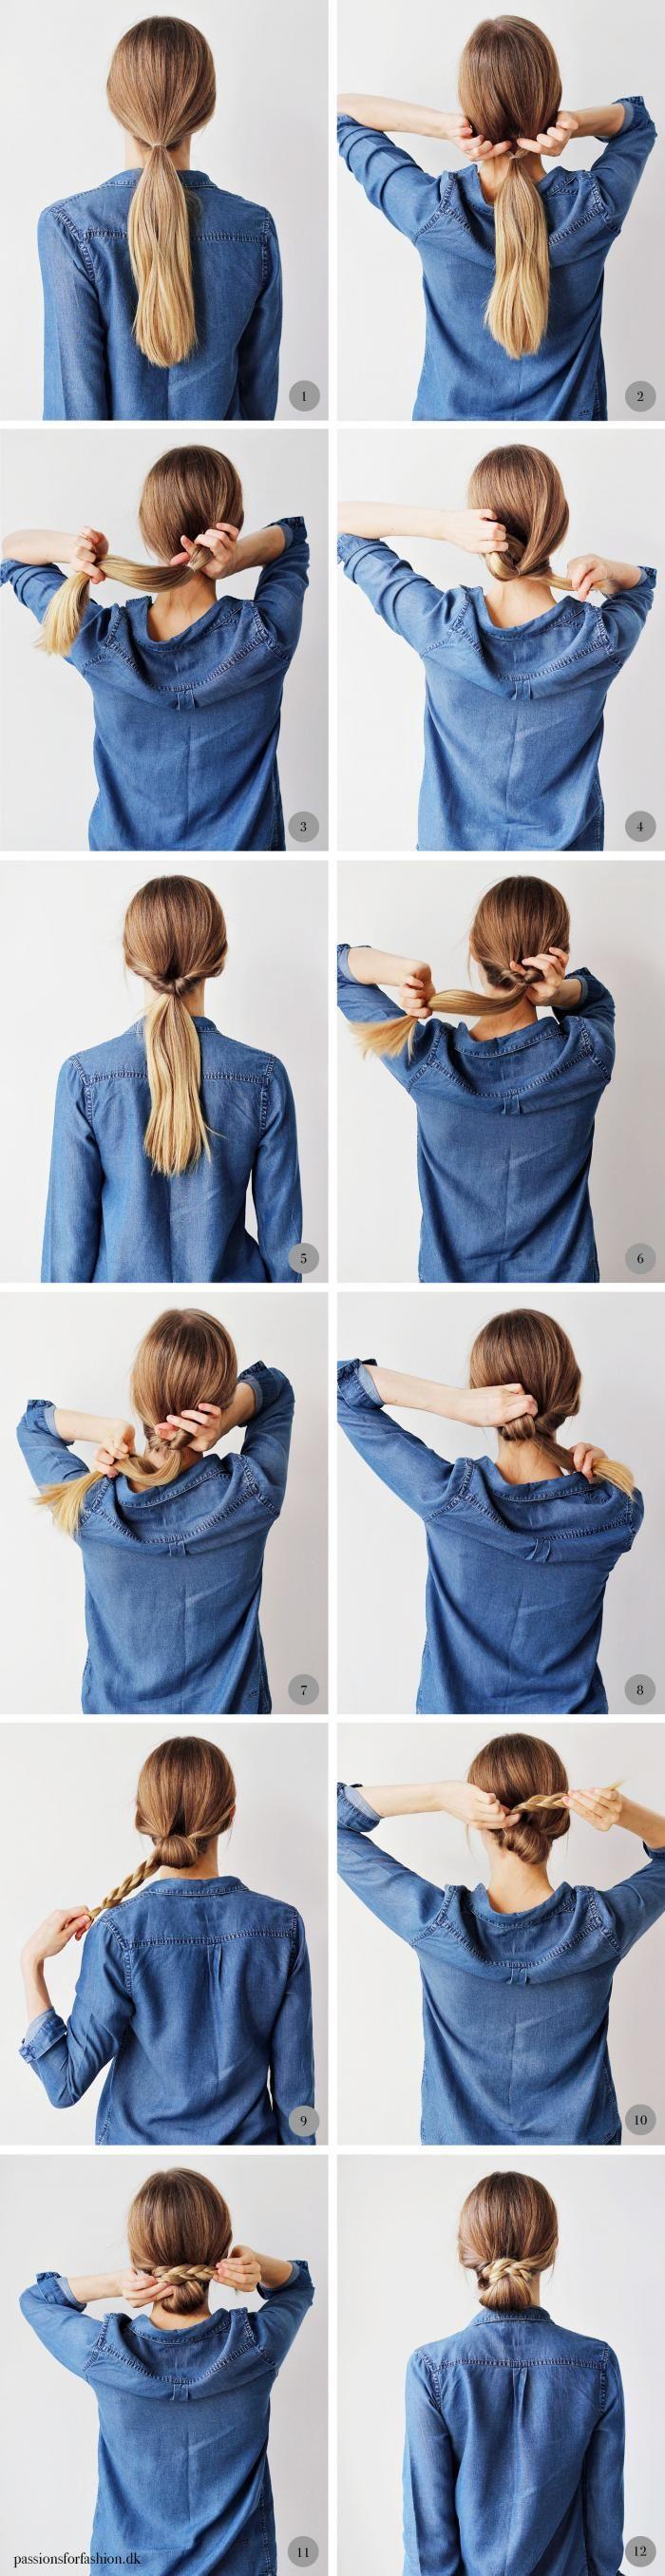 So Easy 超简单简约风编发教学!摆脱披头散发,一周七天不同发型天天美美地出门去。。